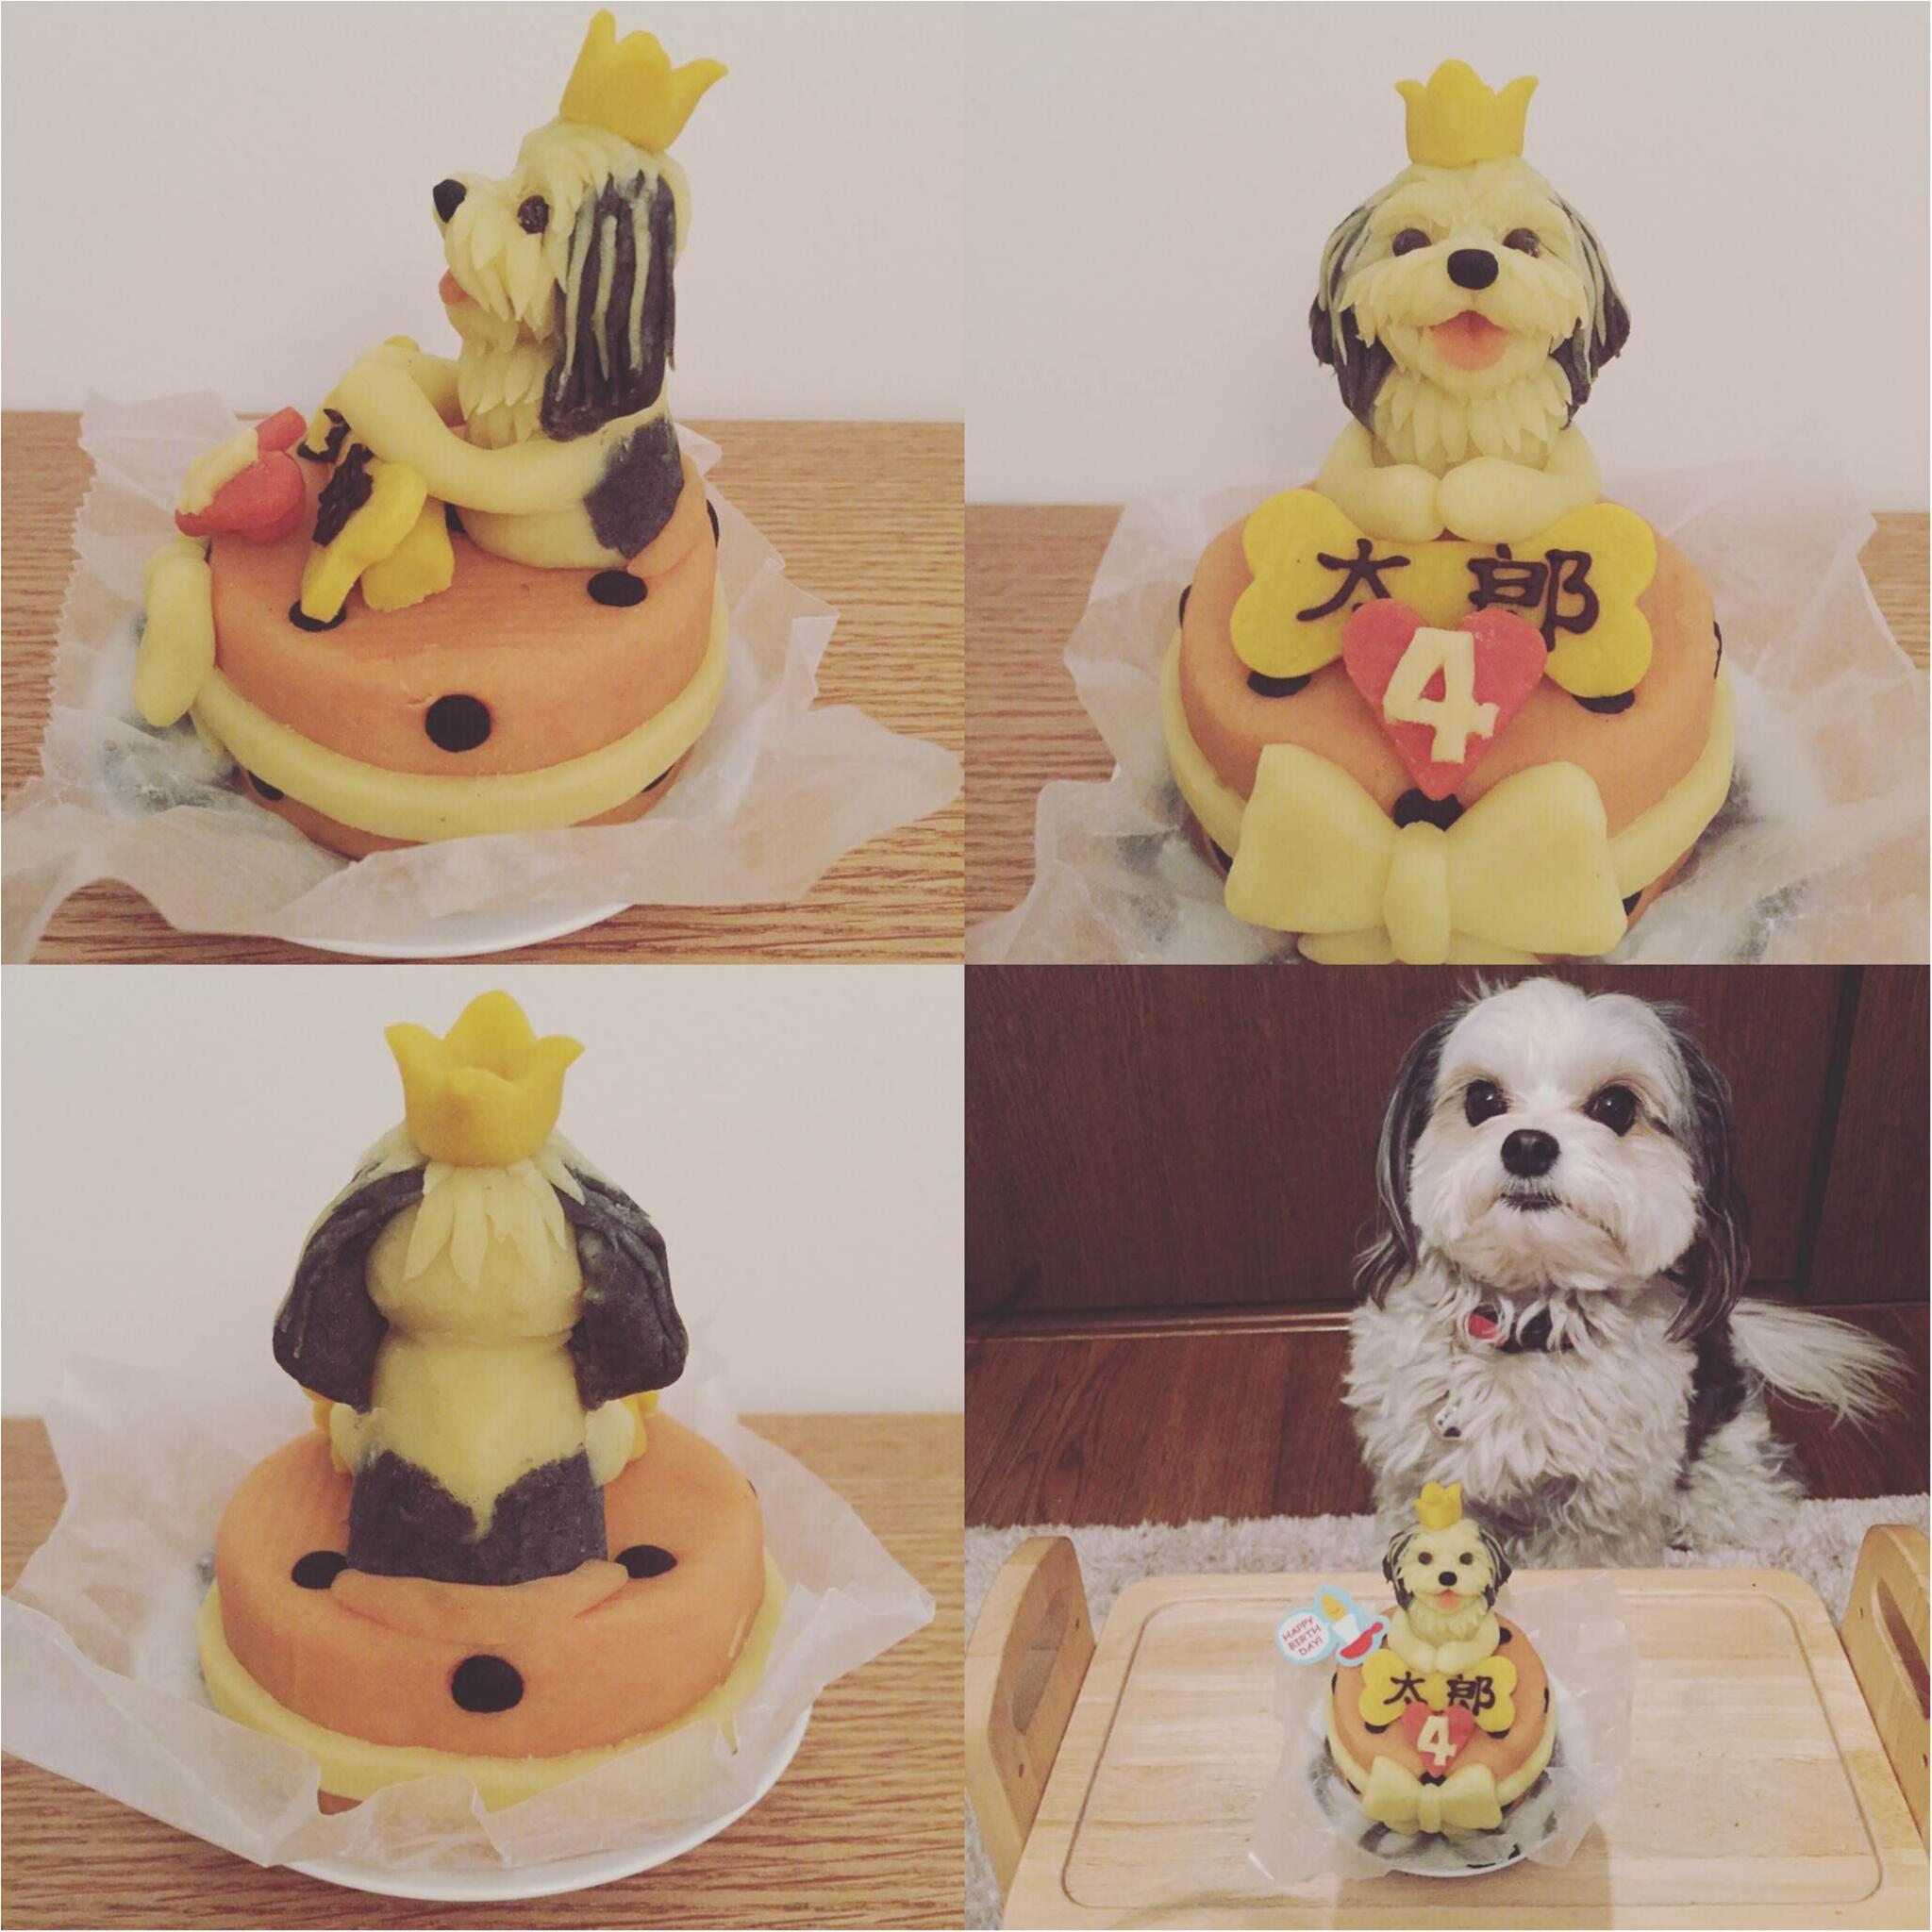 【今日のわんこ】お誕生日は特製ケーキで♡ 4歳になった太郎くん♡ _1